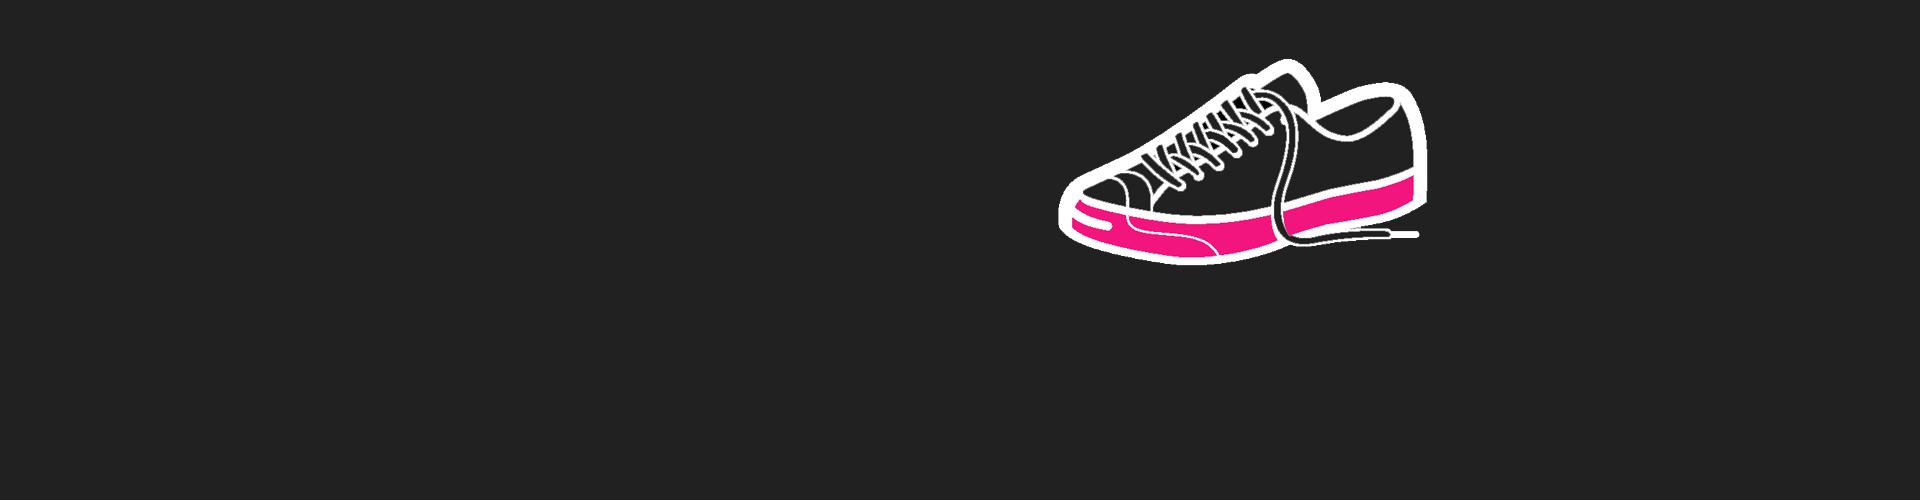 pretty nice 7b245 8cde6 Leuchtende Schuhe - Die Fancy LED Schuhe jetzt hier kaufen!